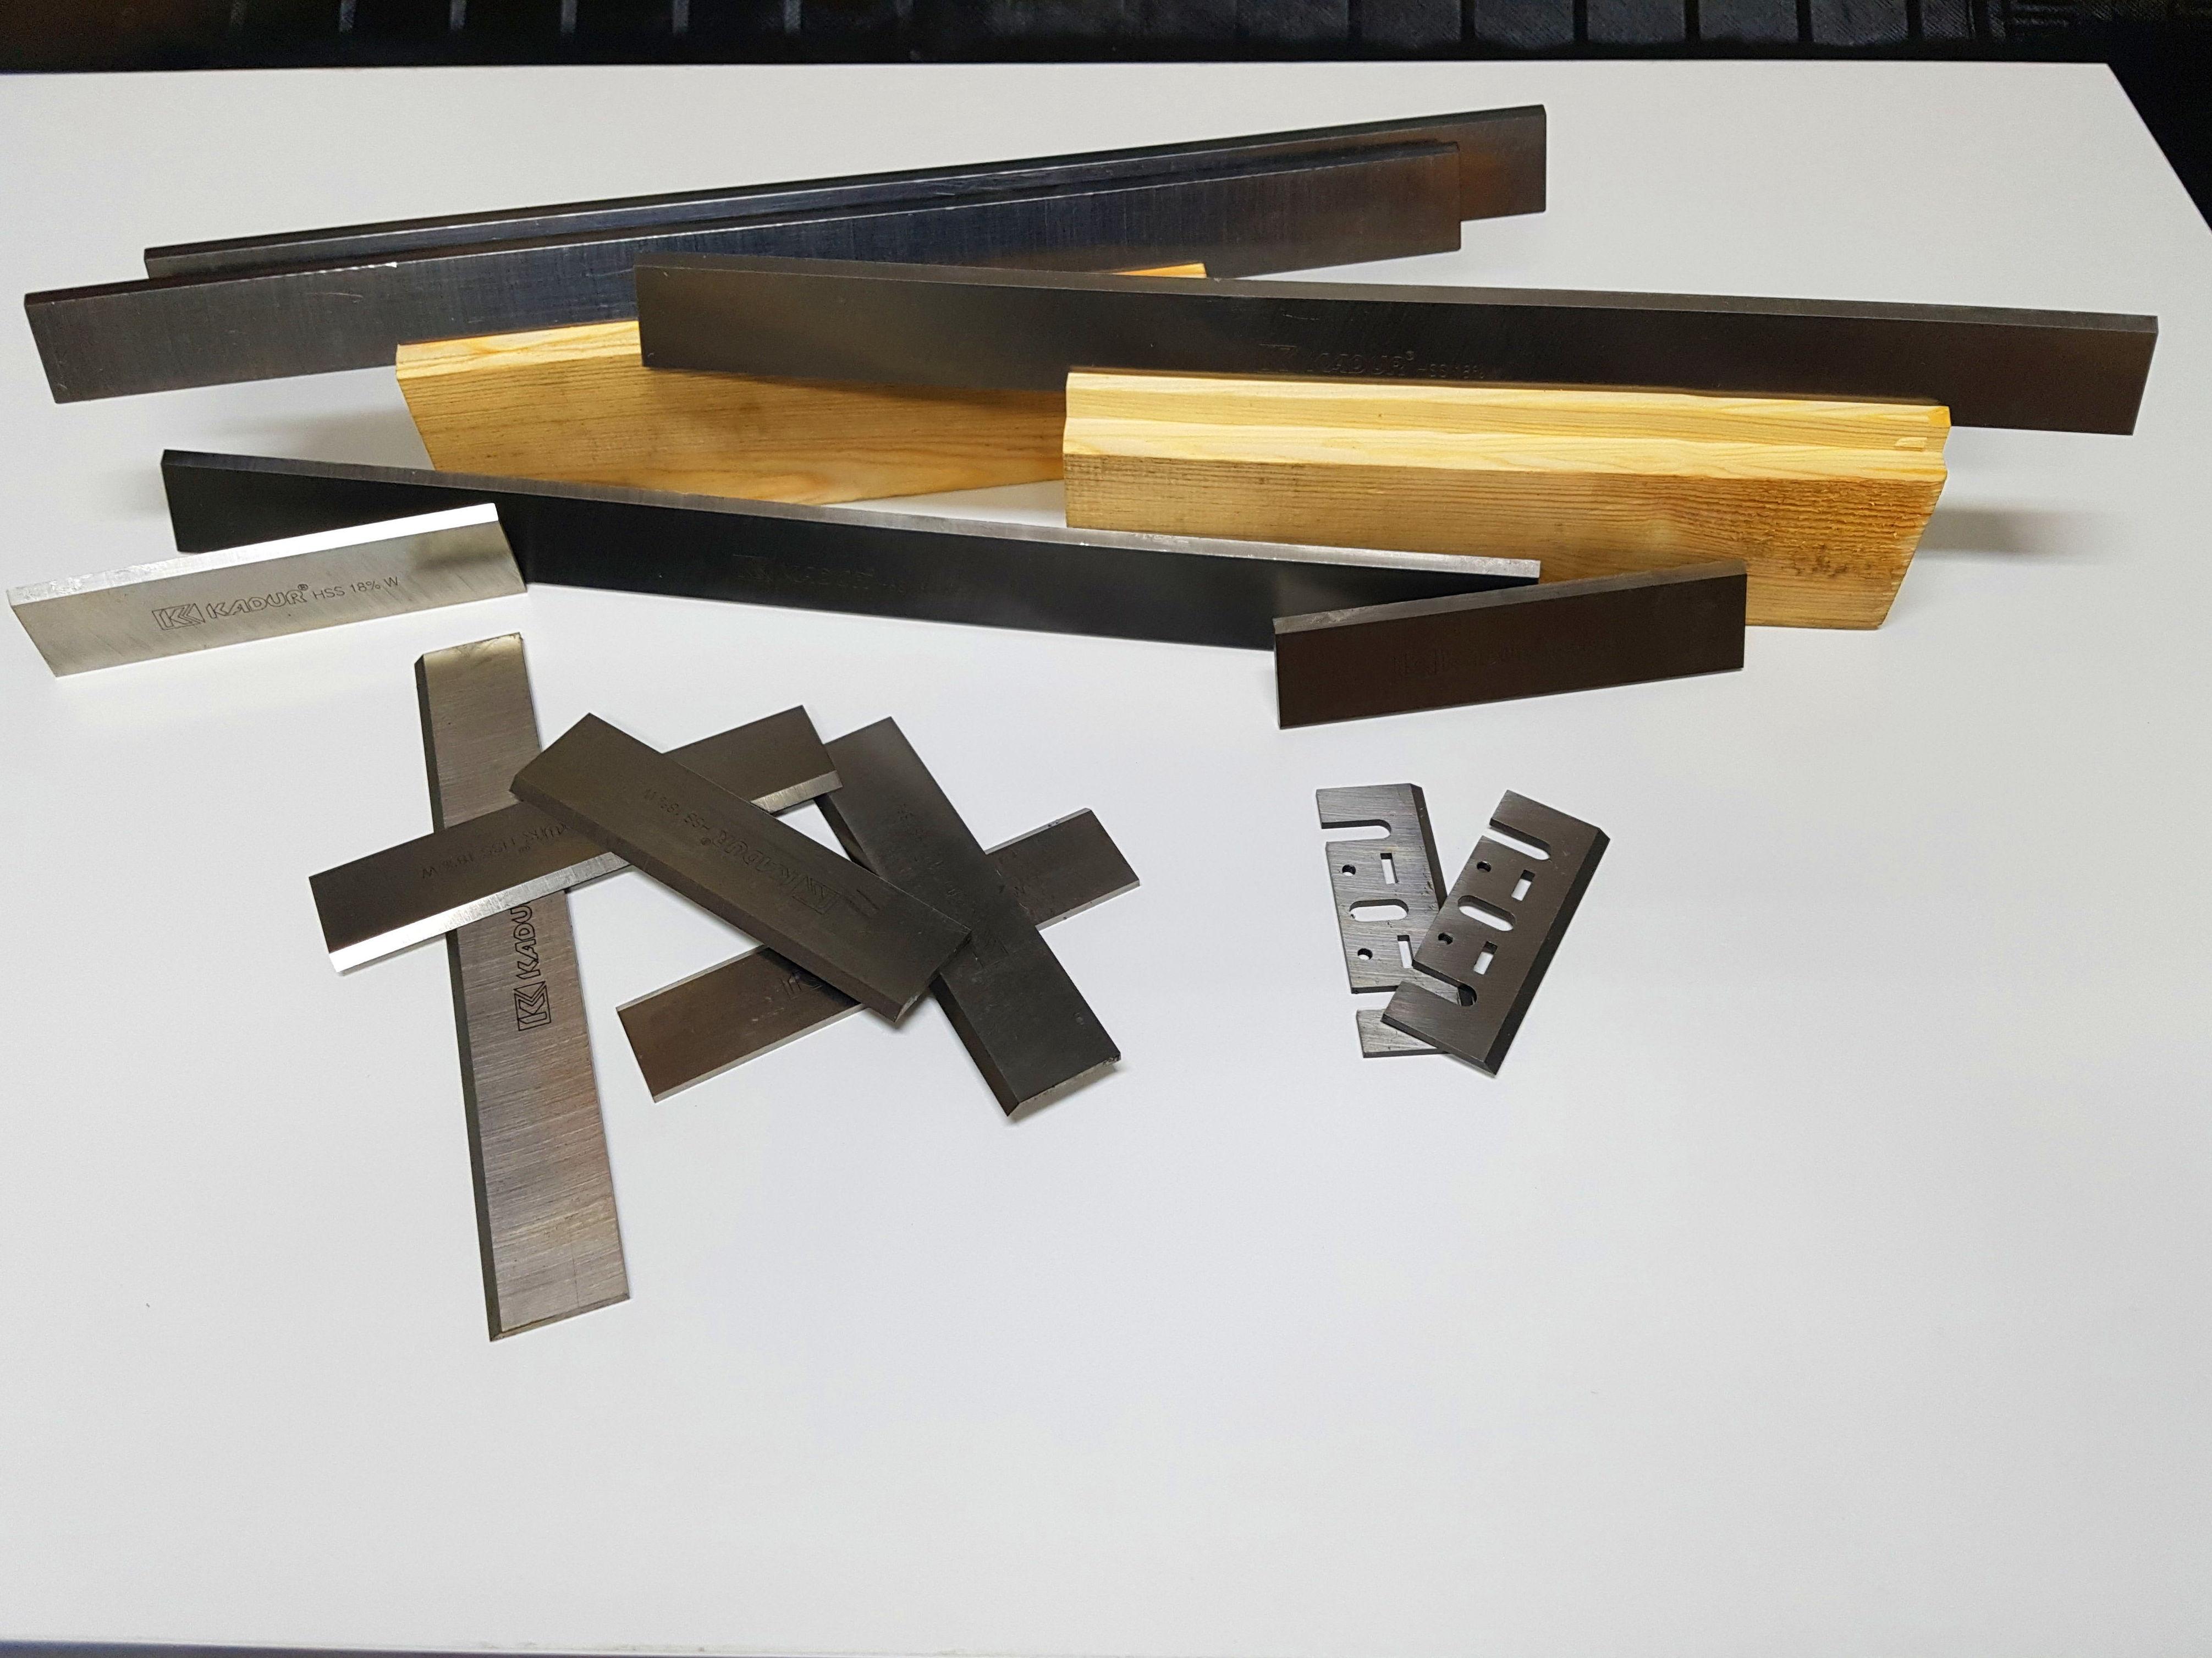 cuchillas cepilladora y cepillo